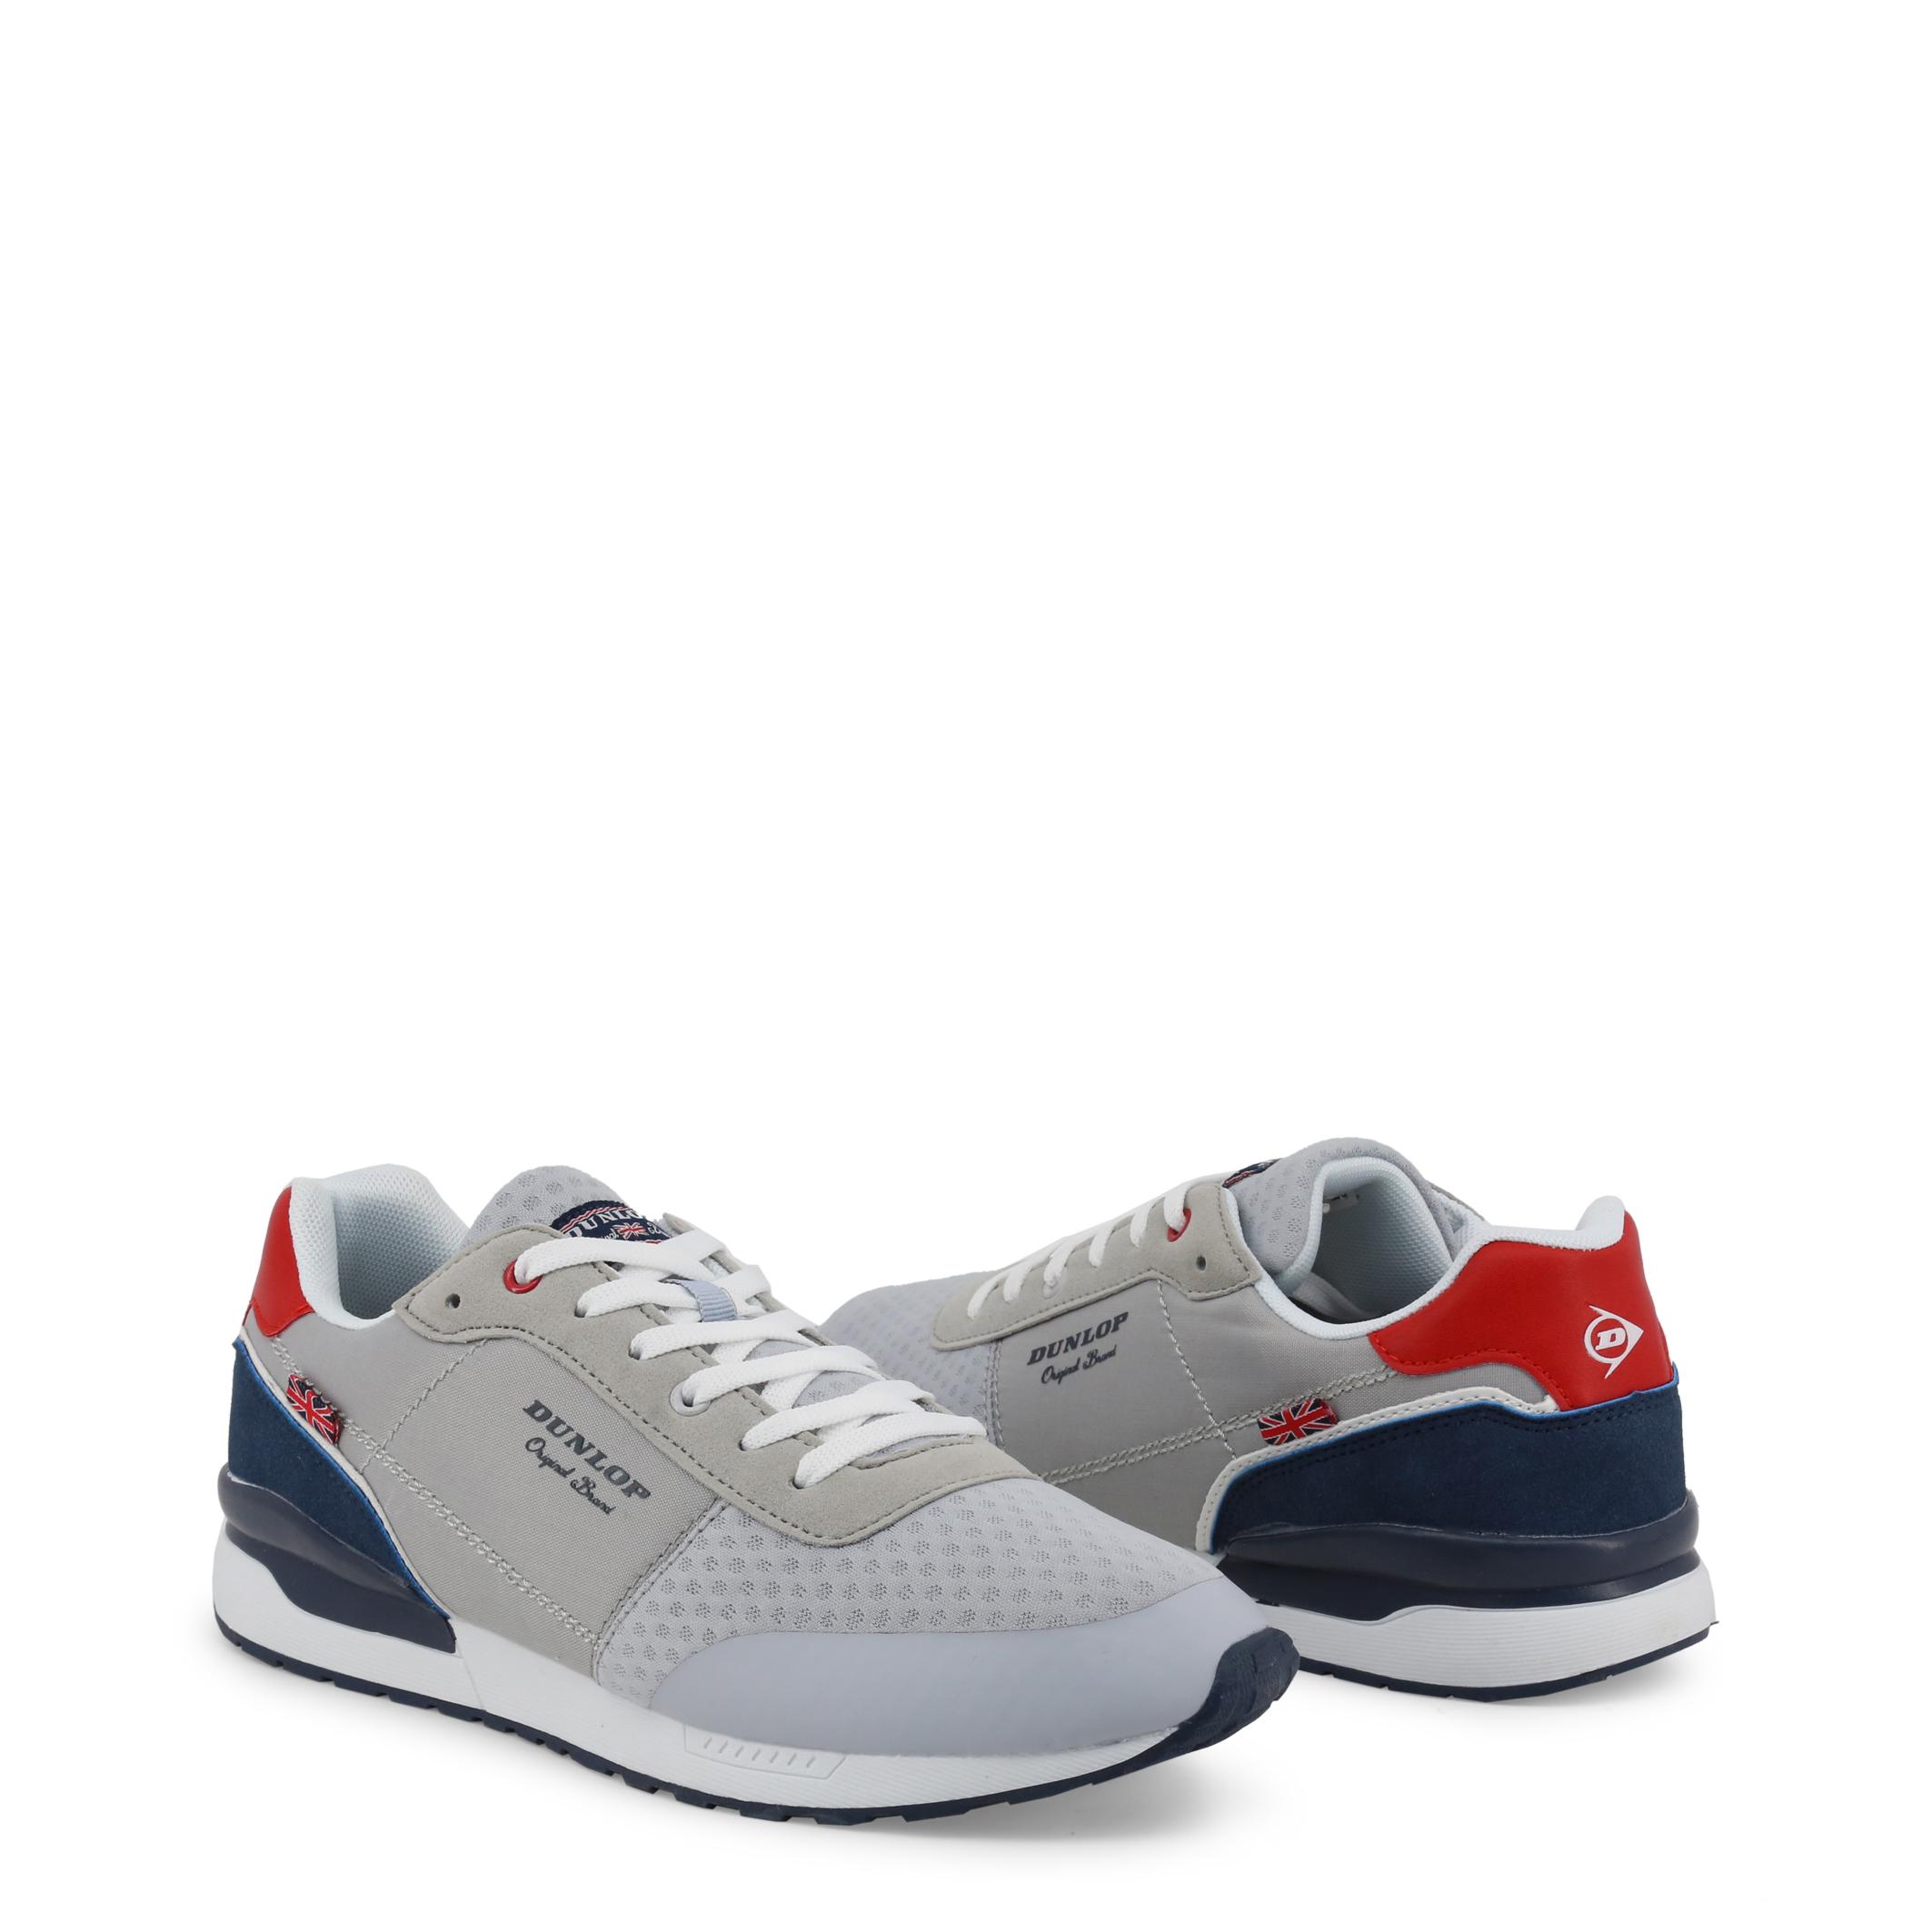 Baskets / Sport  Dunlop 35356 grey